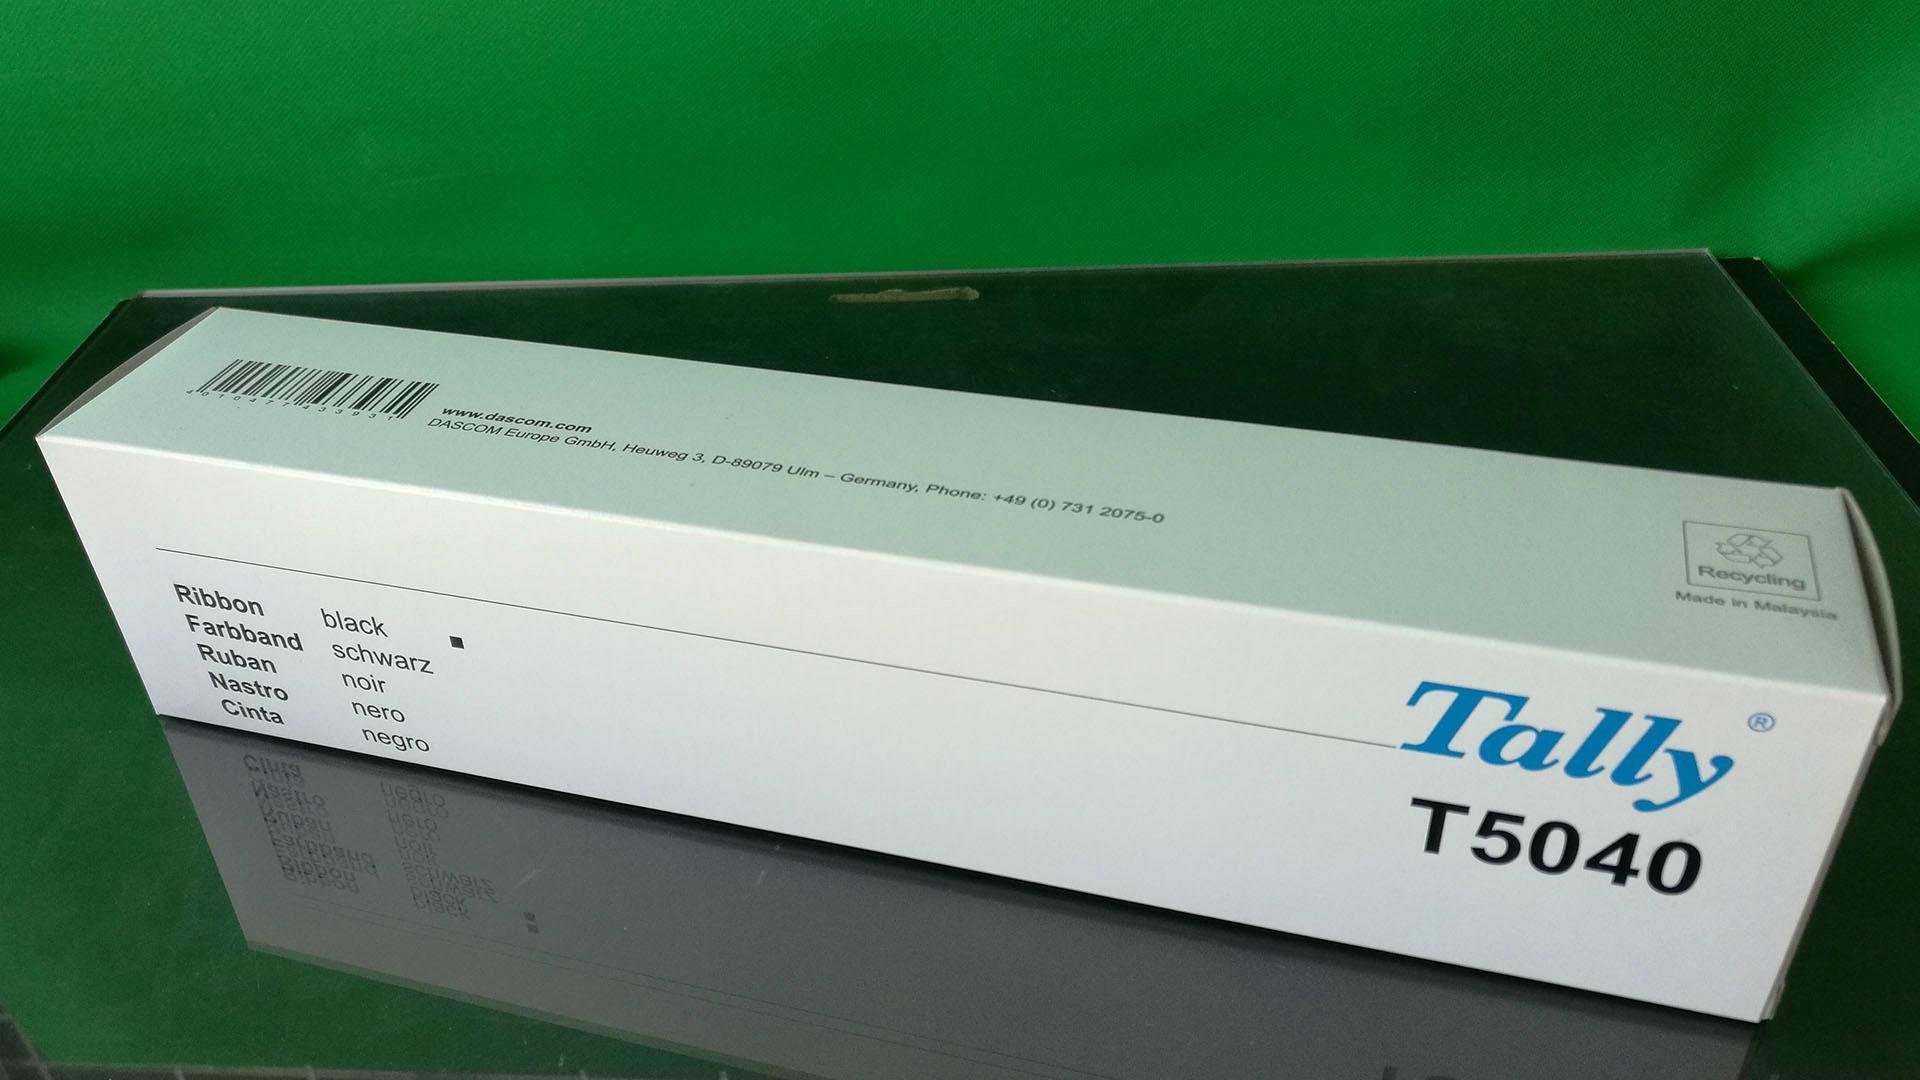 Tally T5040,TallyGenicom T5040 Ribbon